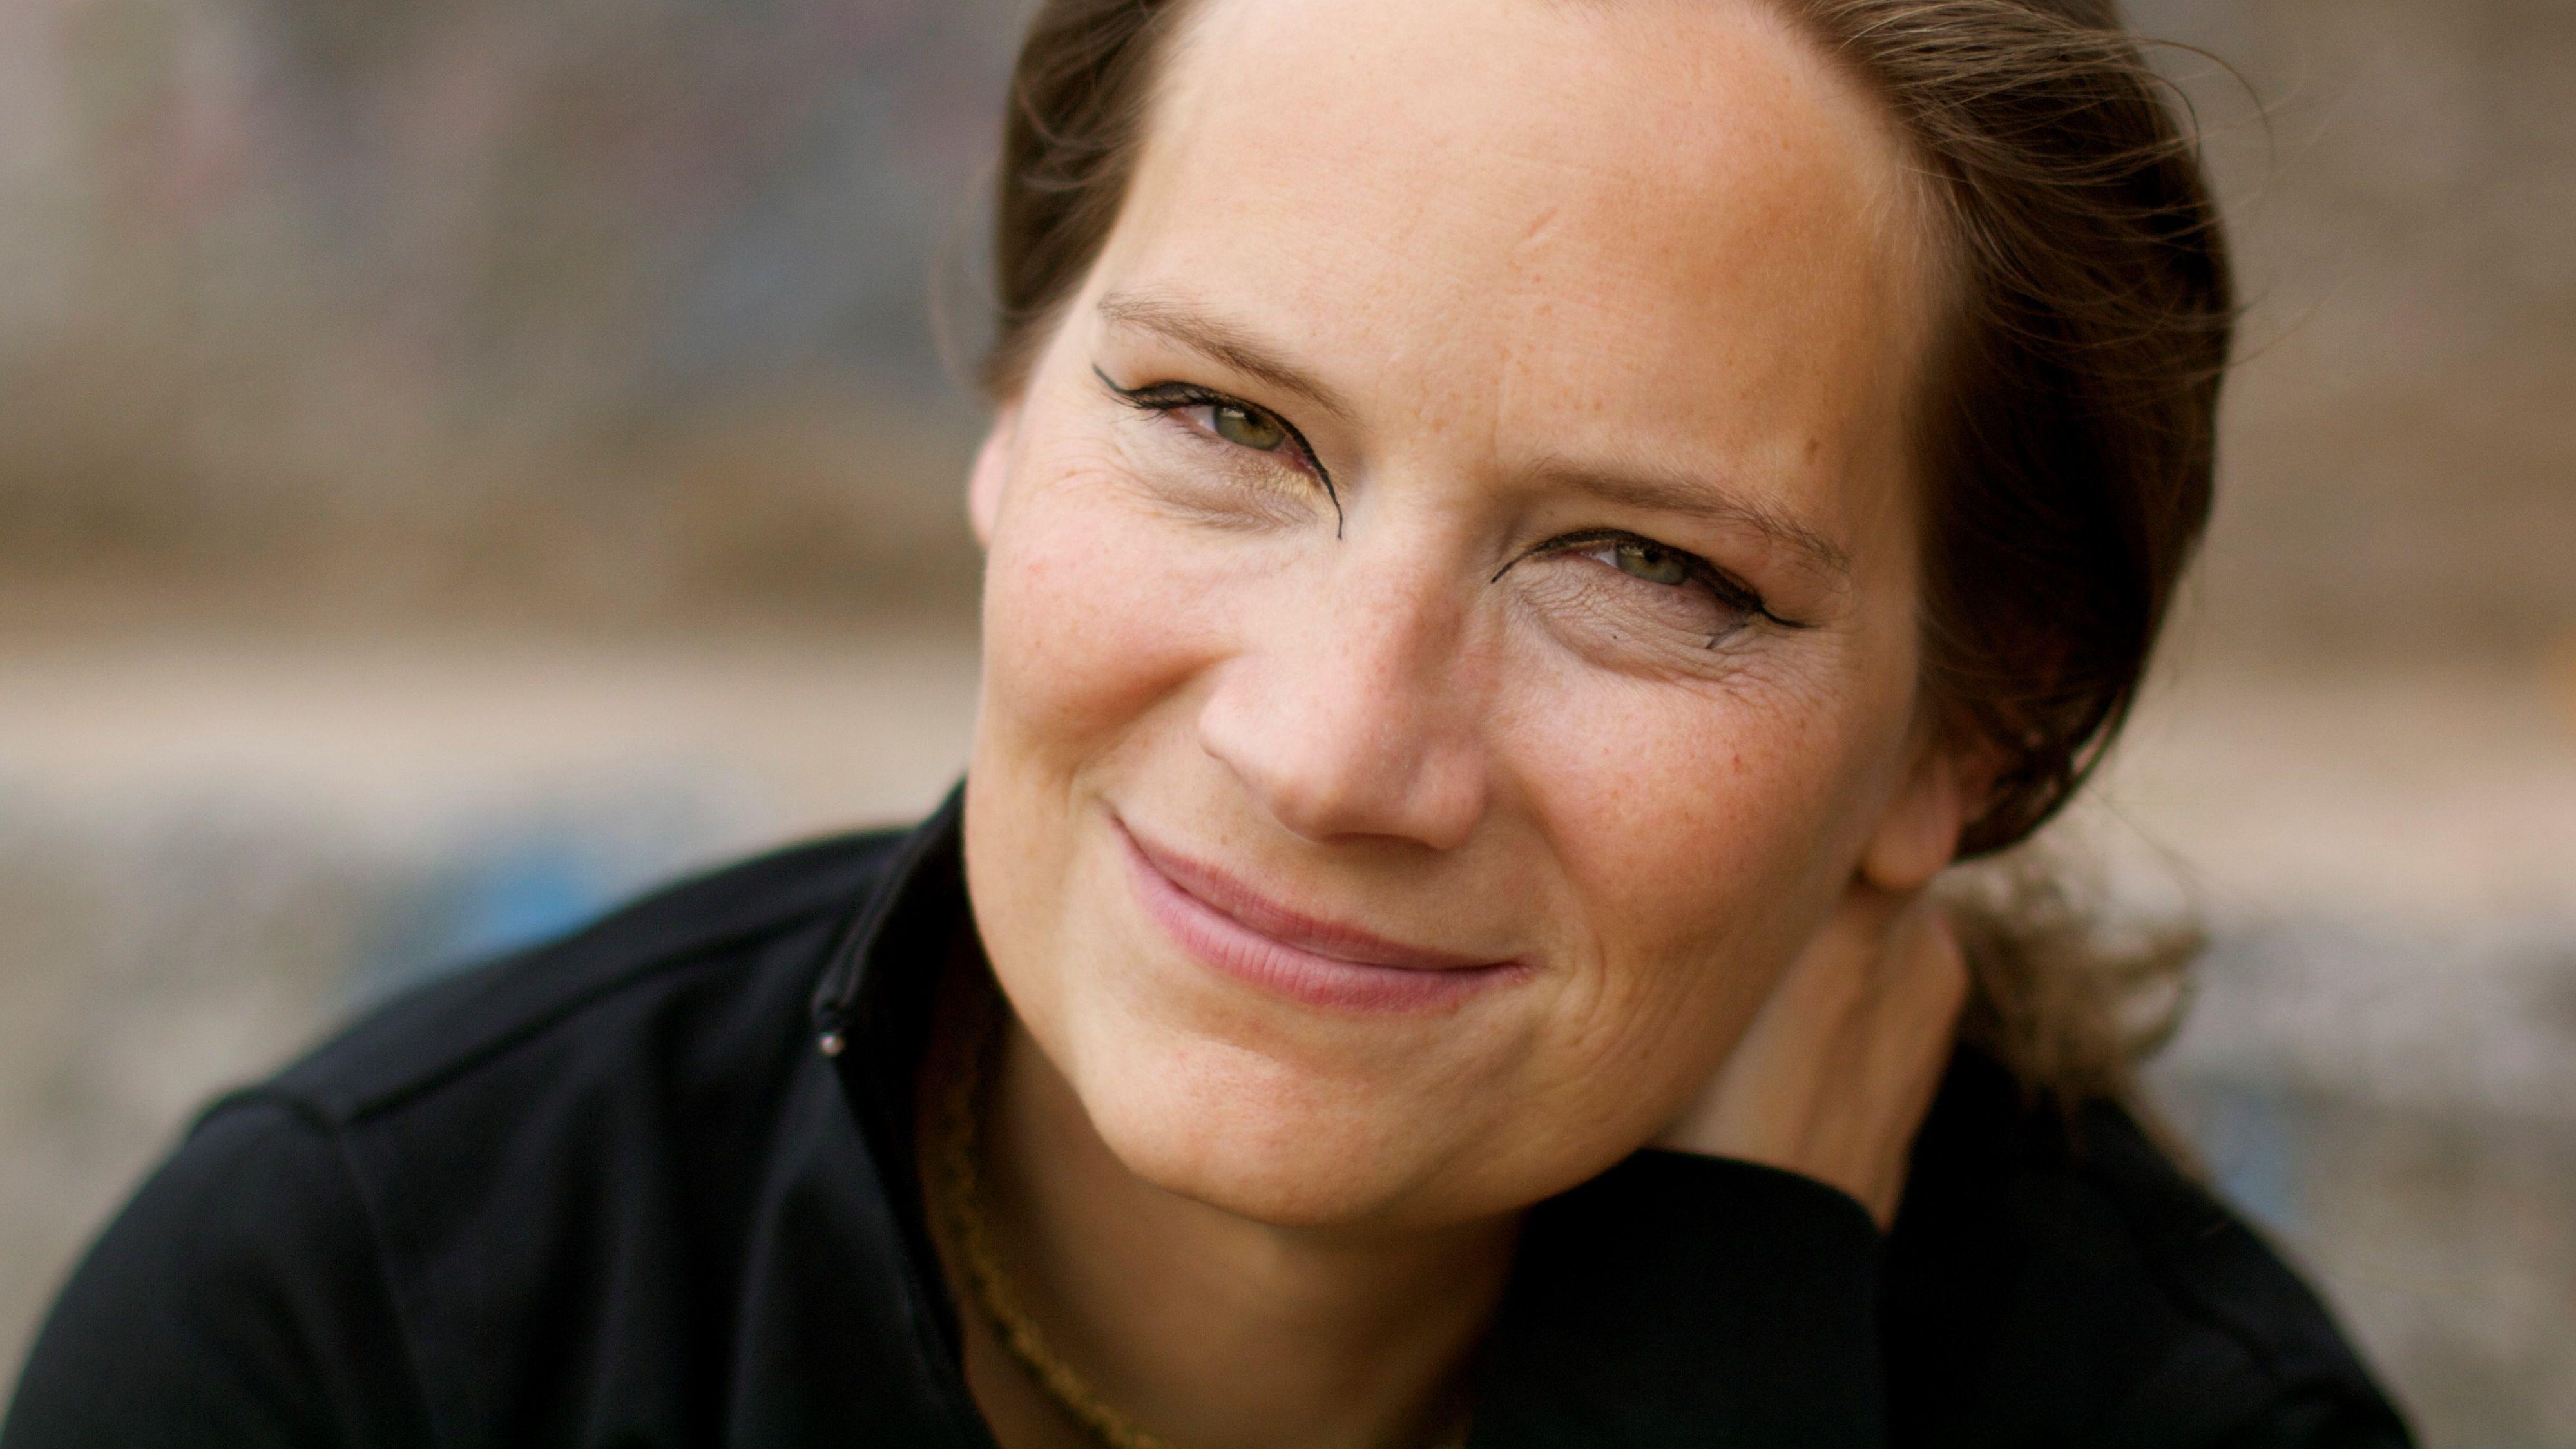 Schriftstellerin Tanja Dückers blickt lächelnd in die Kamera